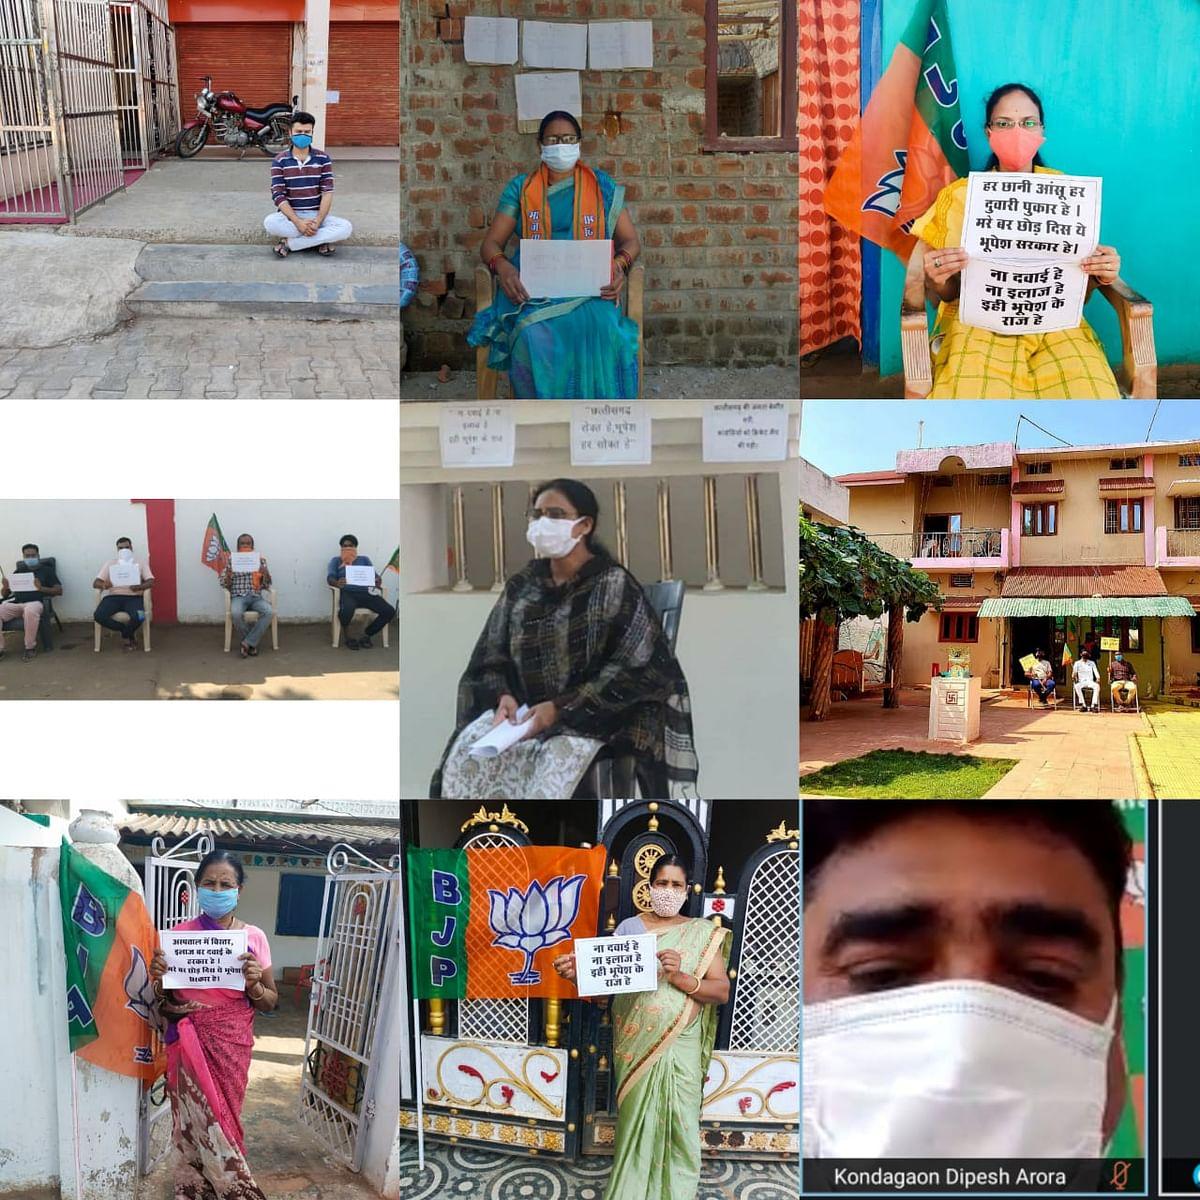 कोंडागांव - कोरोना को लेकर भाजपा का हल्ला बोल, कार्यकर्ताओं ने अपने निवास से दिया धरना